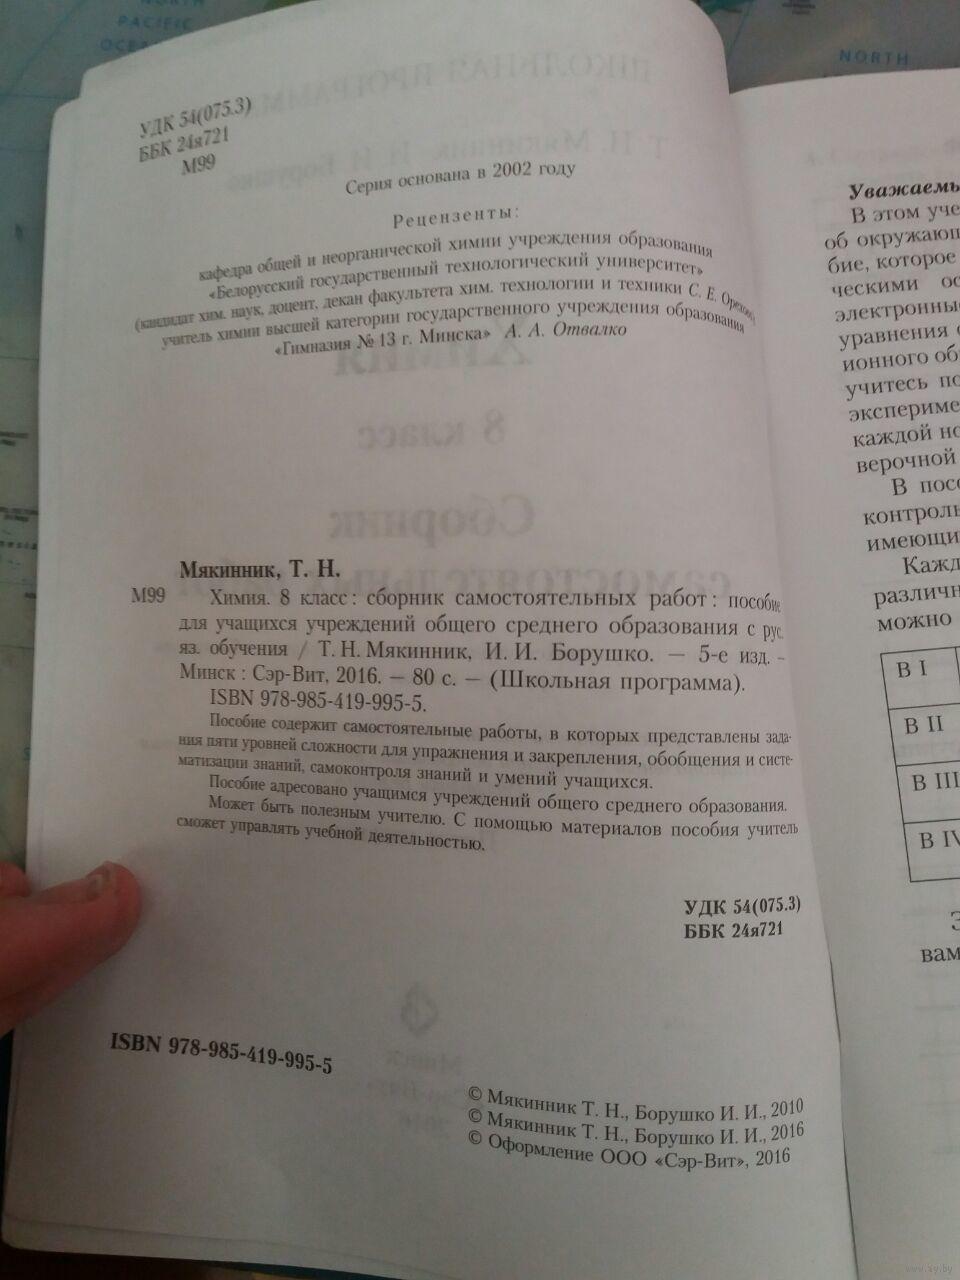 гдз по химии 10 сборник самостоятельных работ